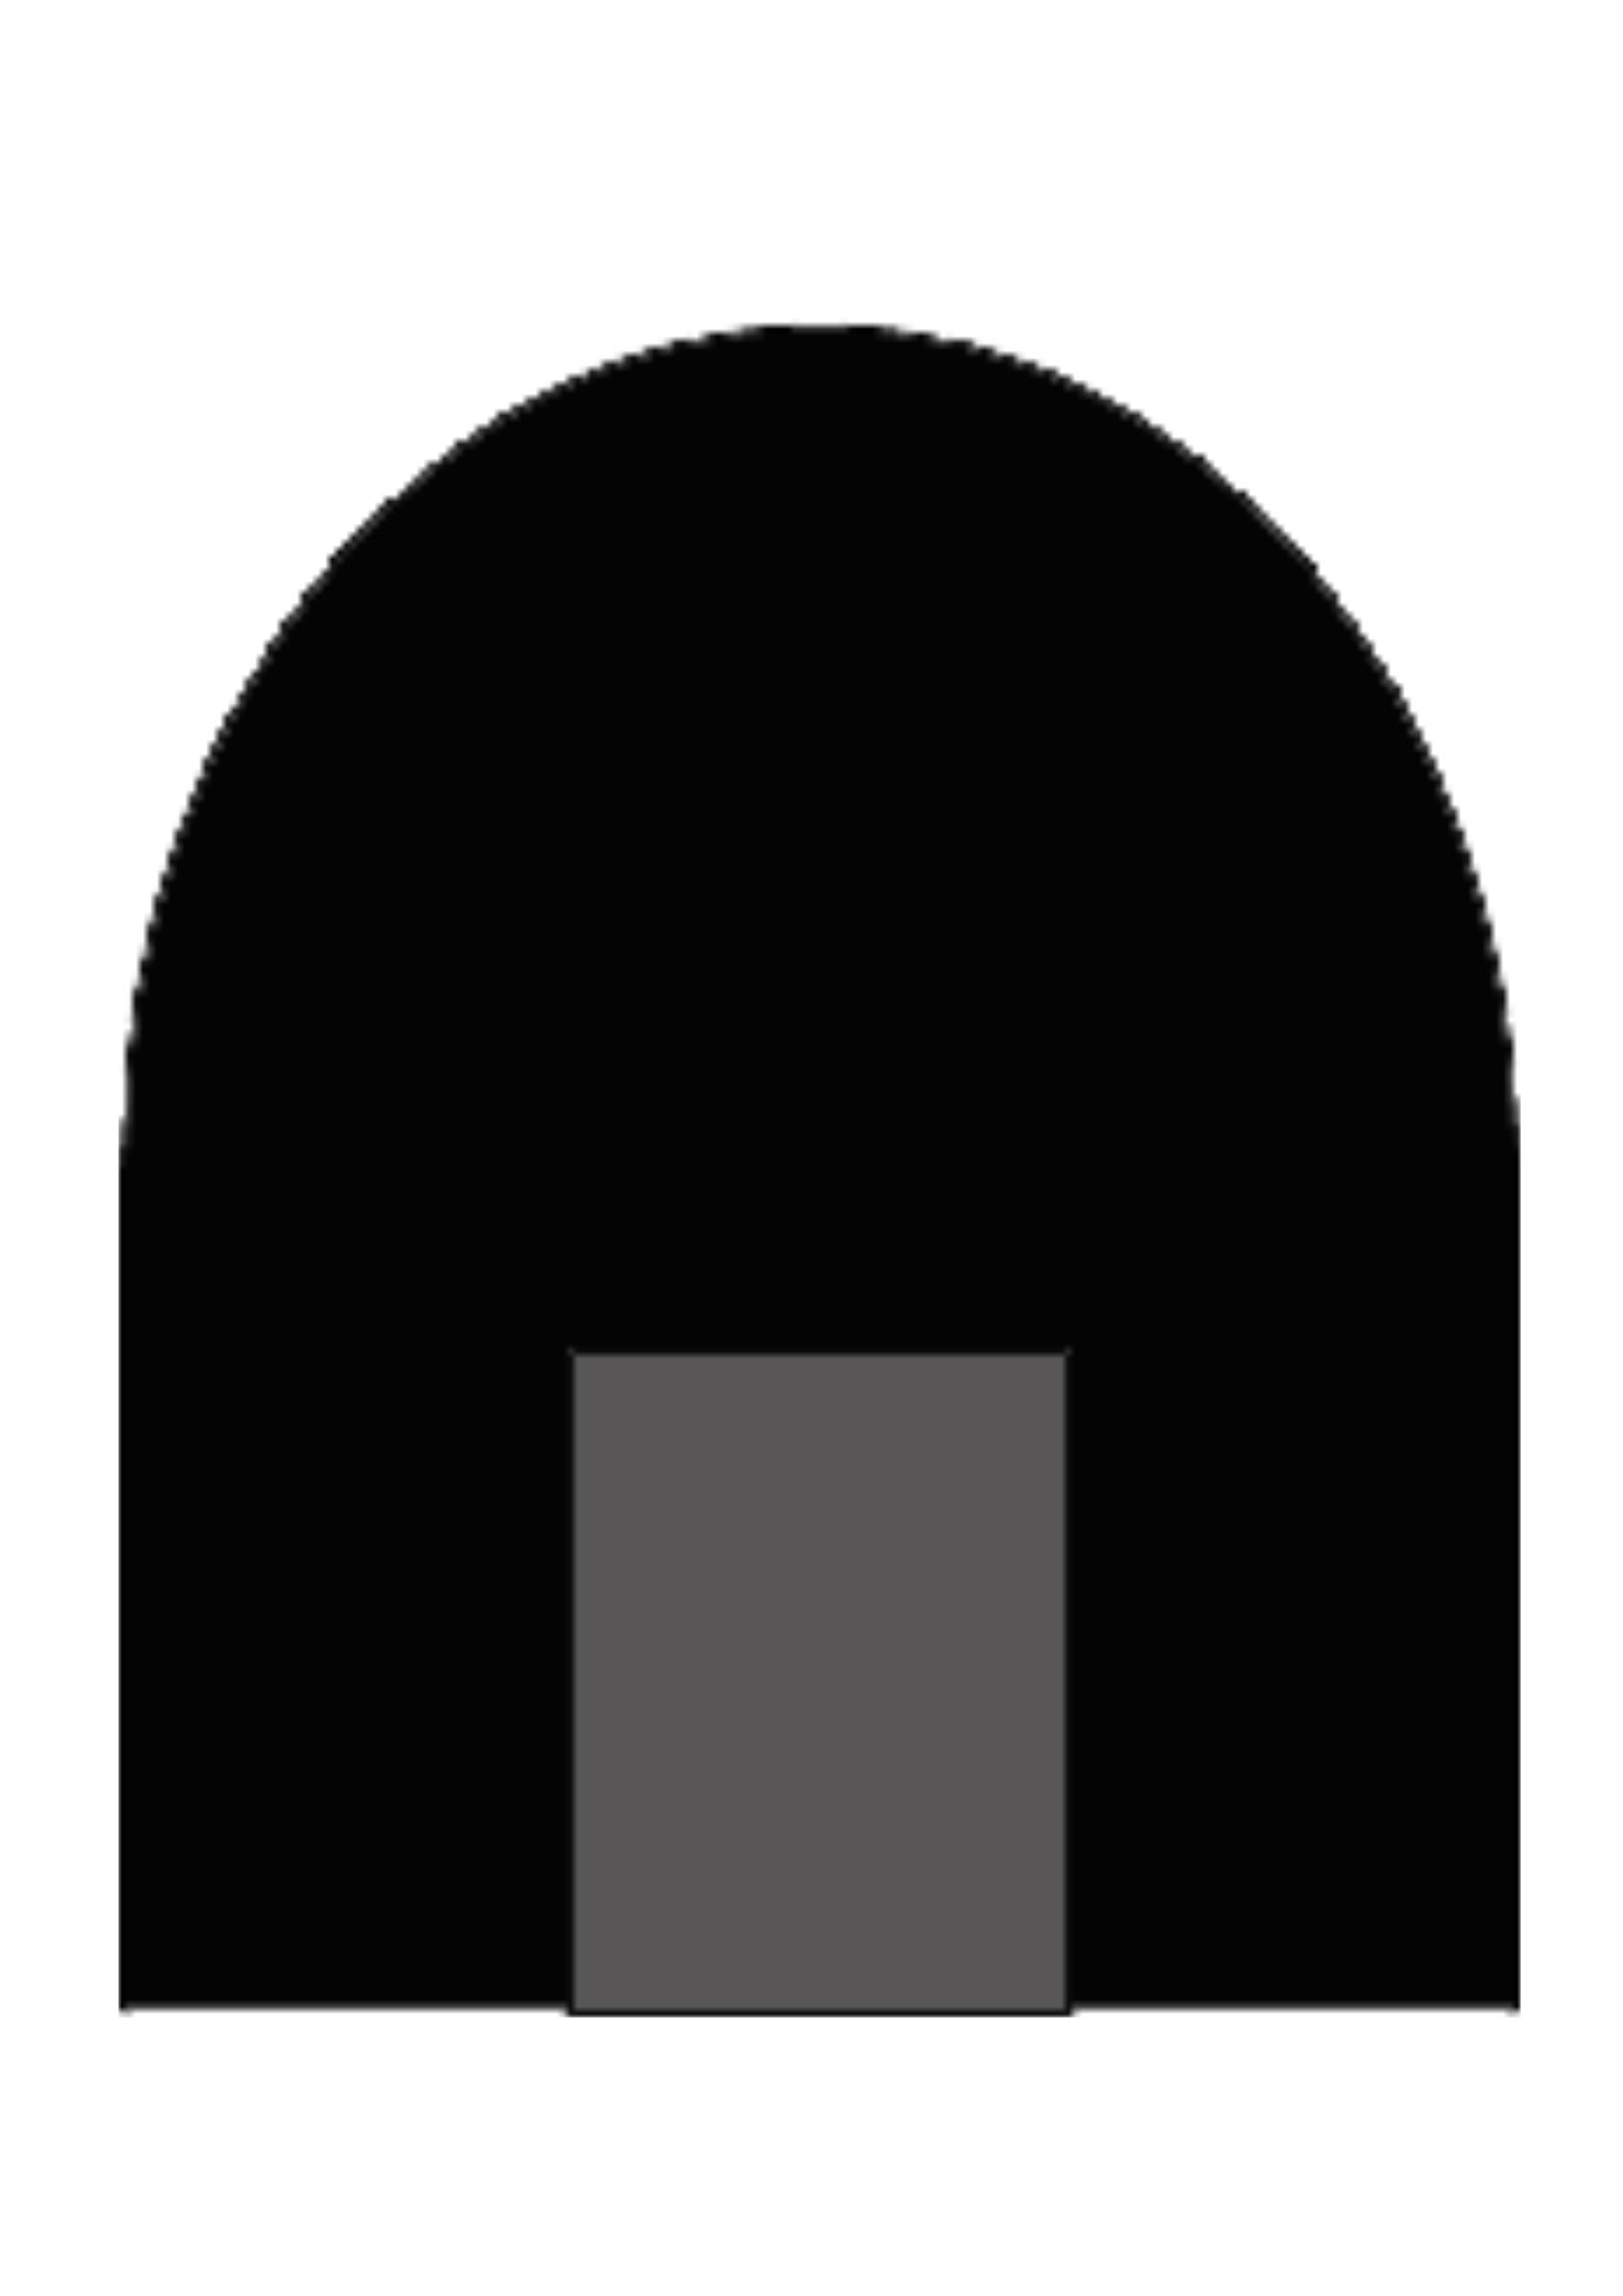 Hut Silhouette